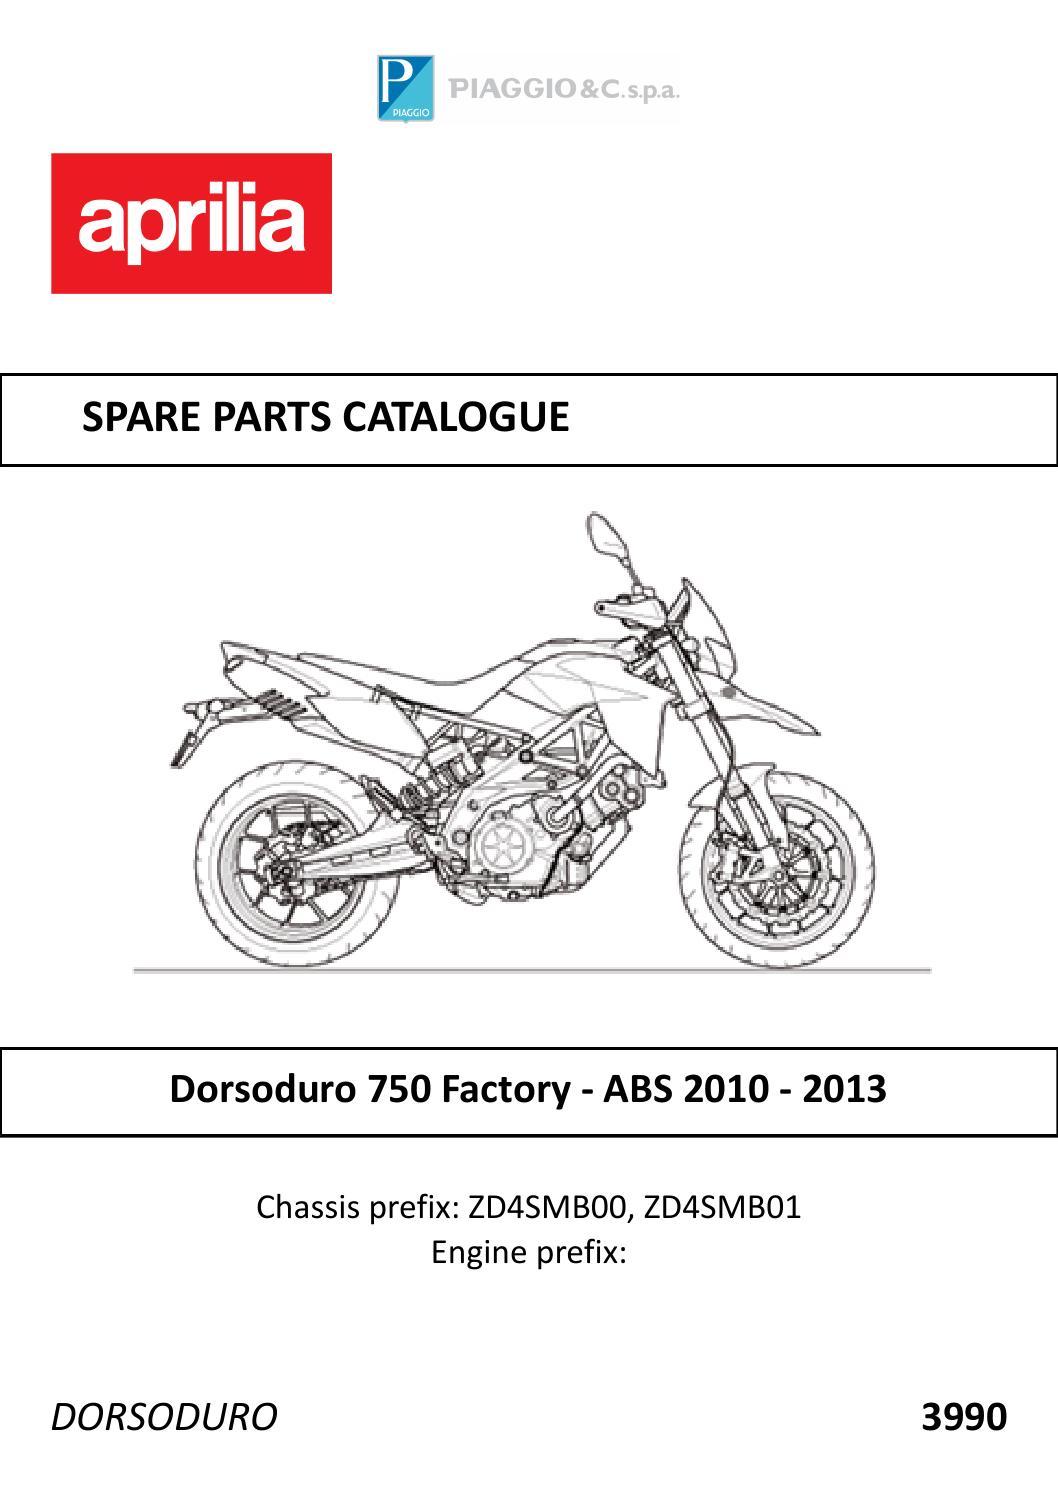 Black Rear View Mirrors For Aprilia Dorsoduro Factory 750 2010 2011 2012 2013